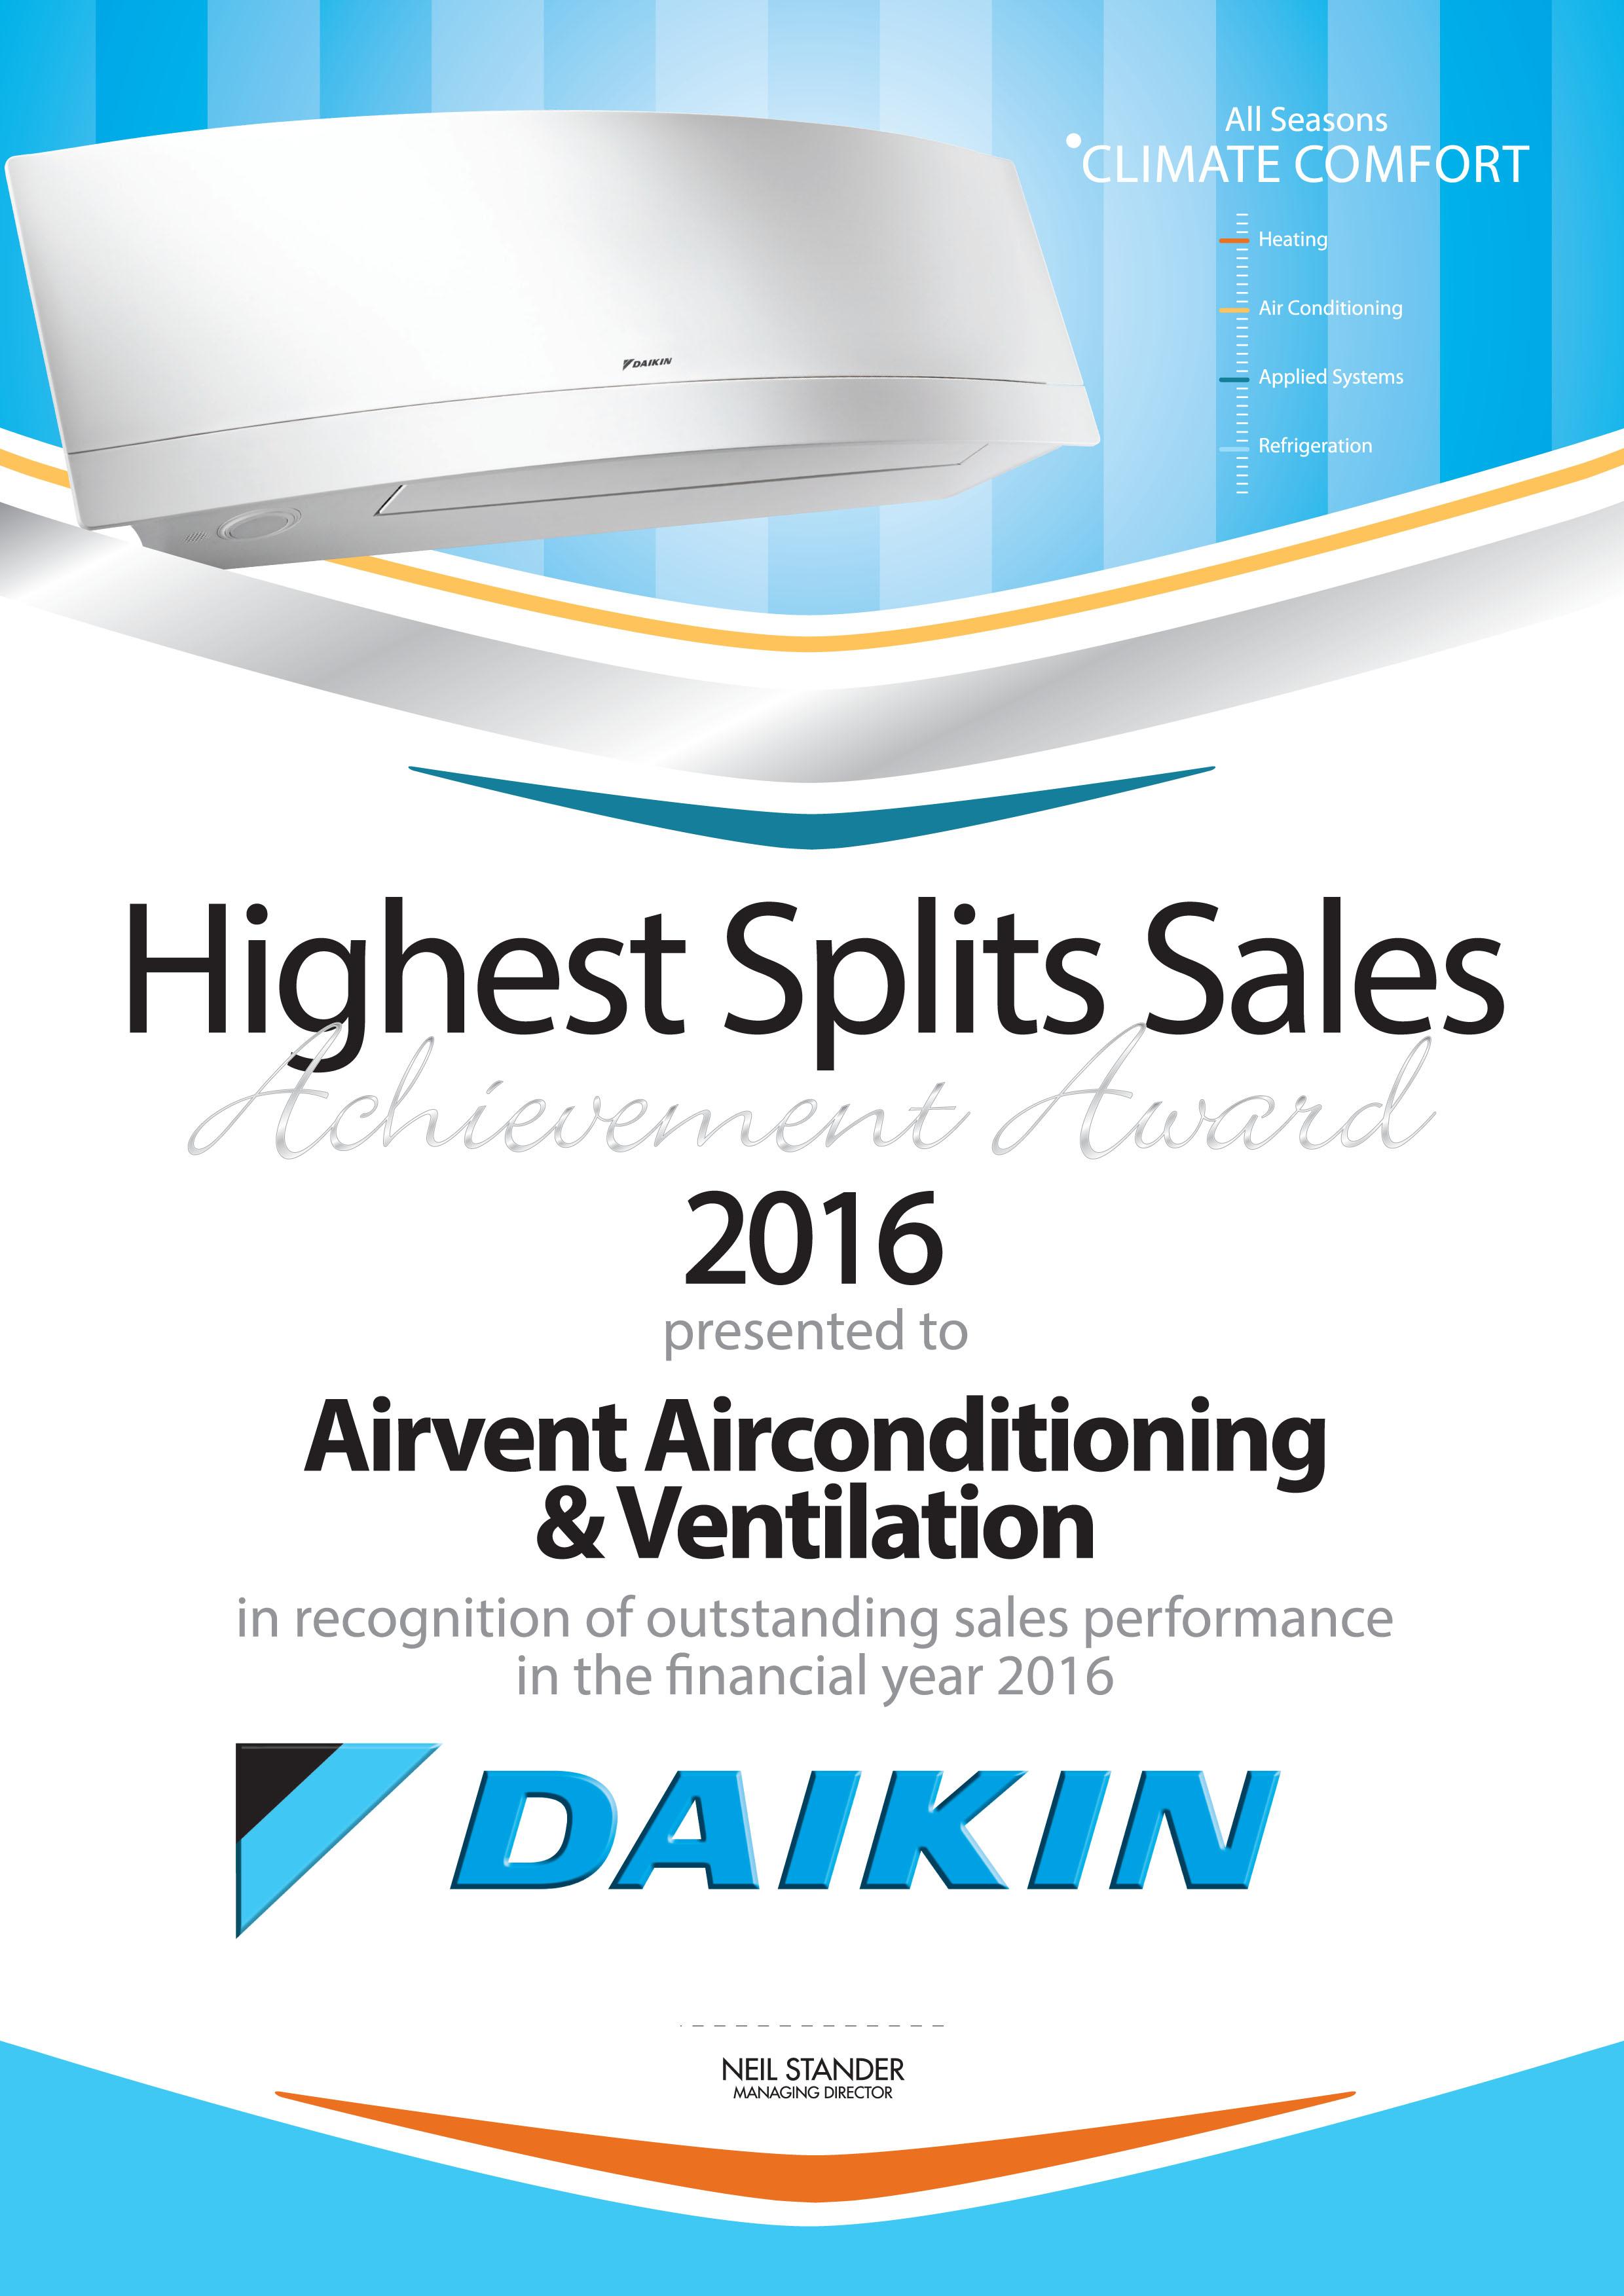 Daikin Highest Splits Sales Achievement Award 2016